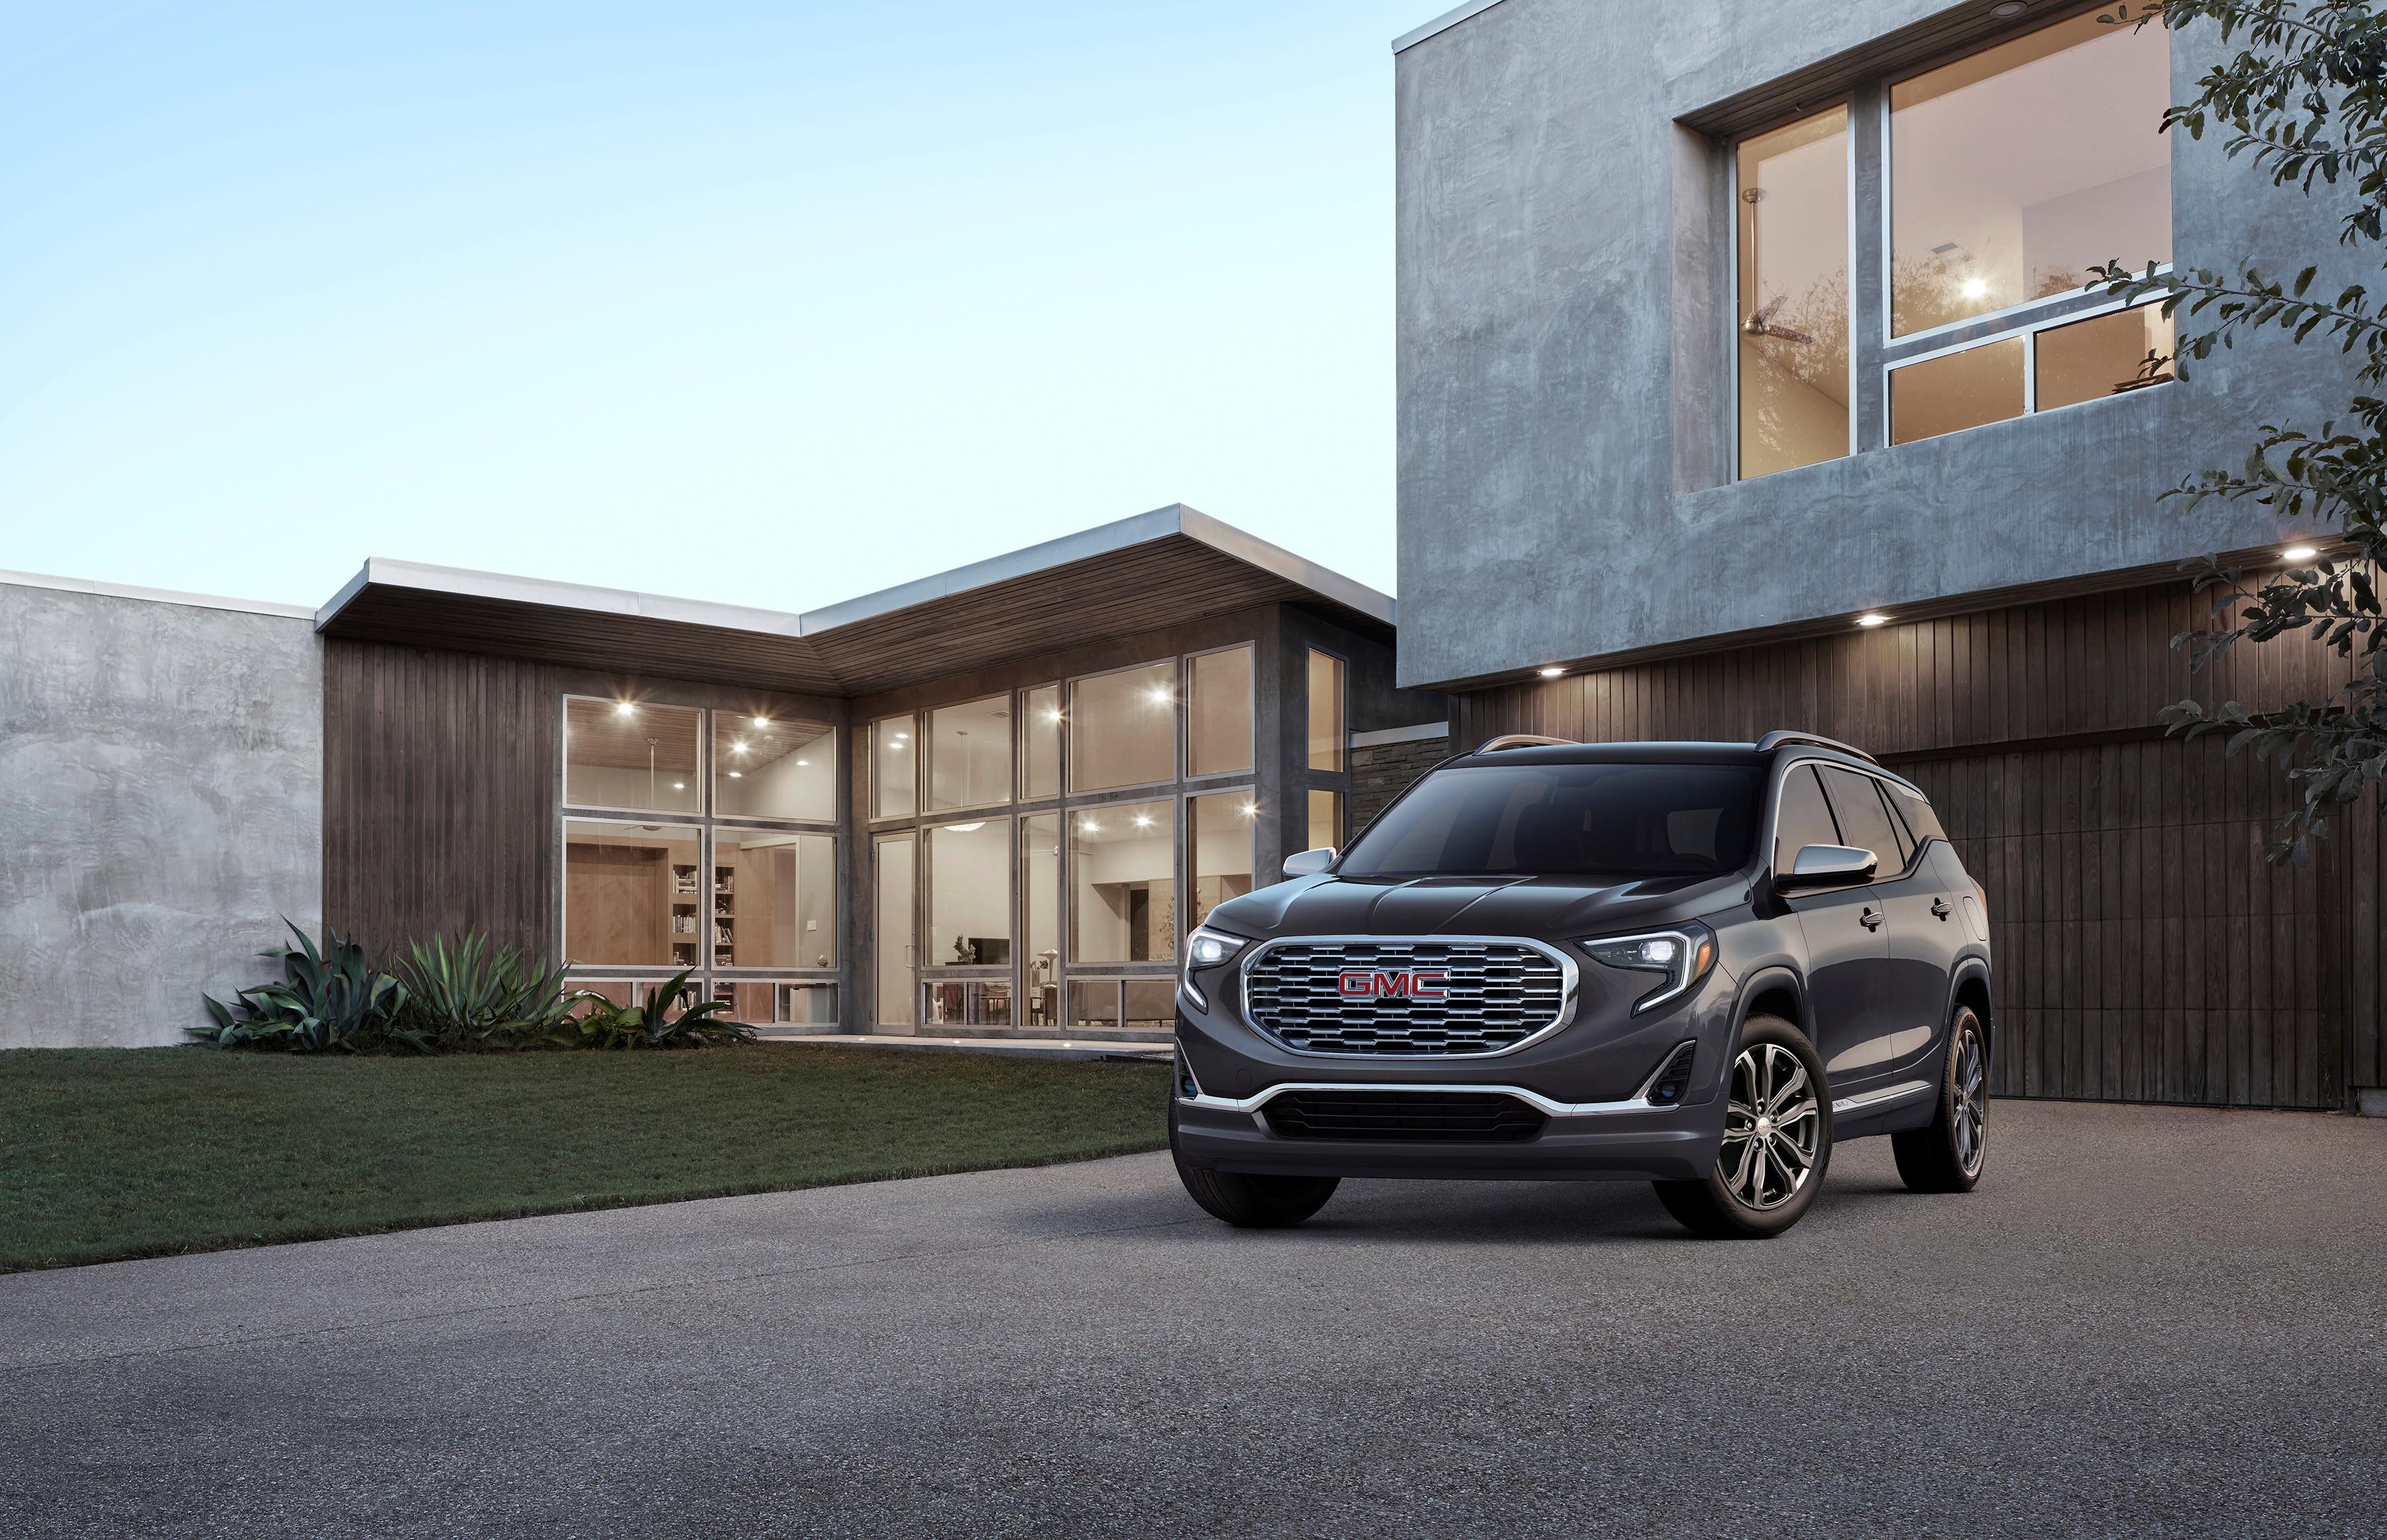 2019 Terrain: Small SUV - GMC